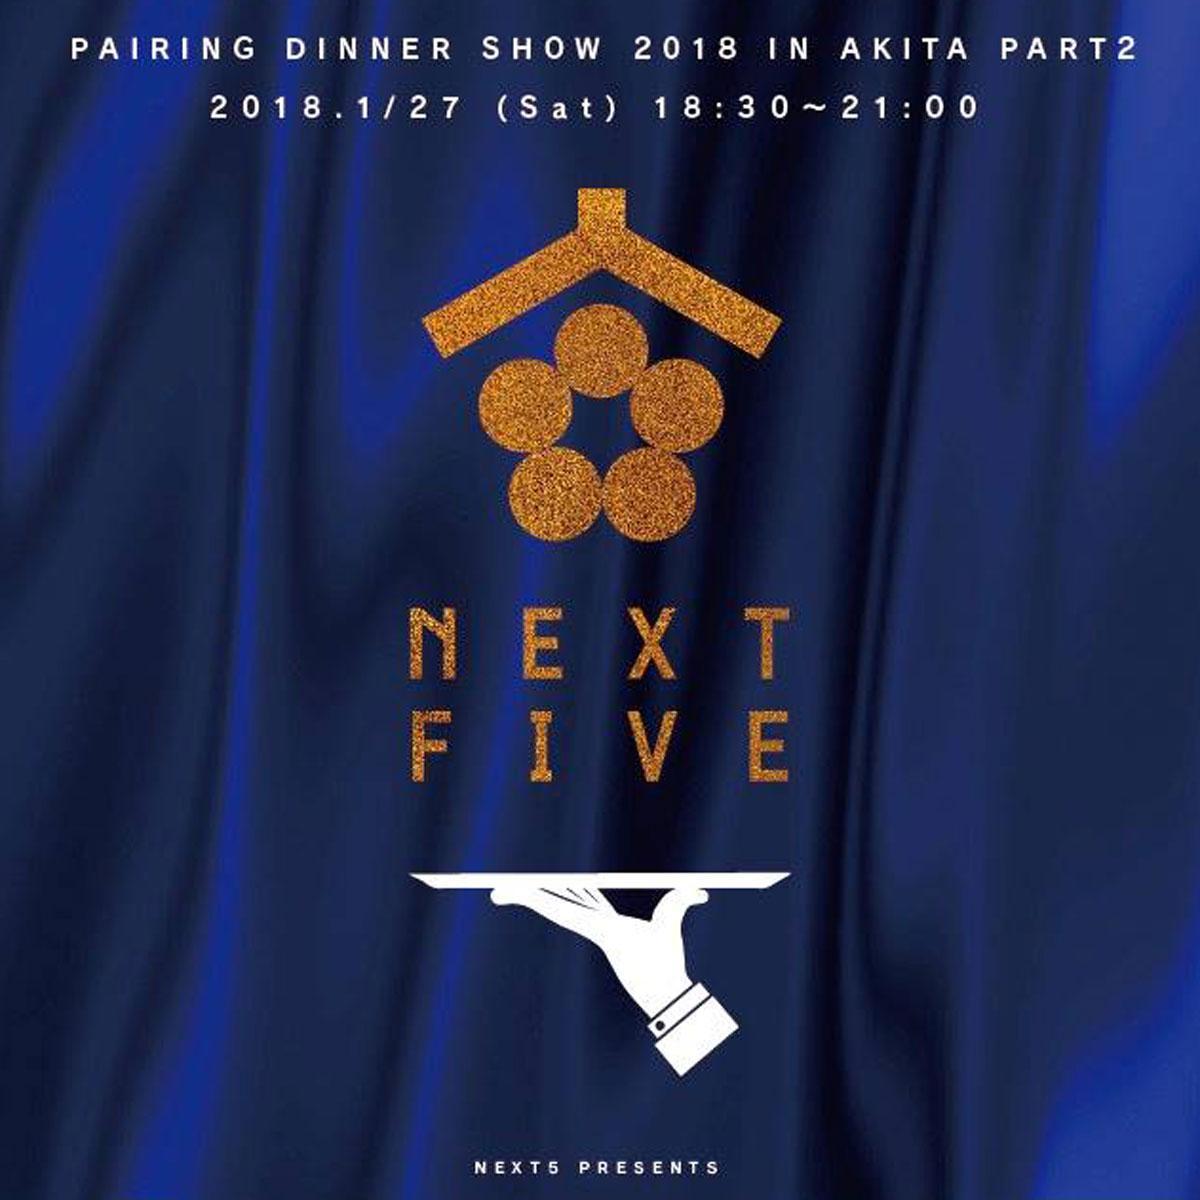 酒蔵5社のグループ「NEXT5(ネクストファイブ)」が開く「ペアリングディナーショー」ビジュアルイメージ